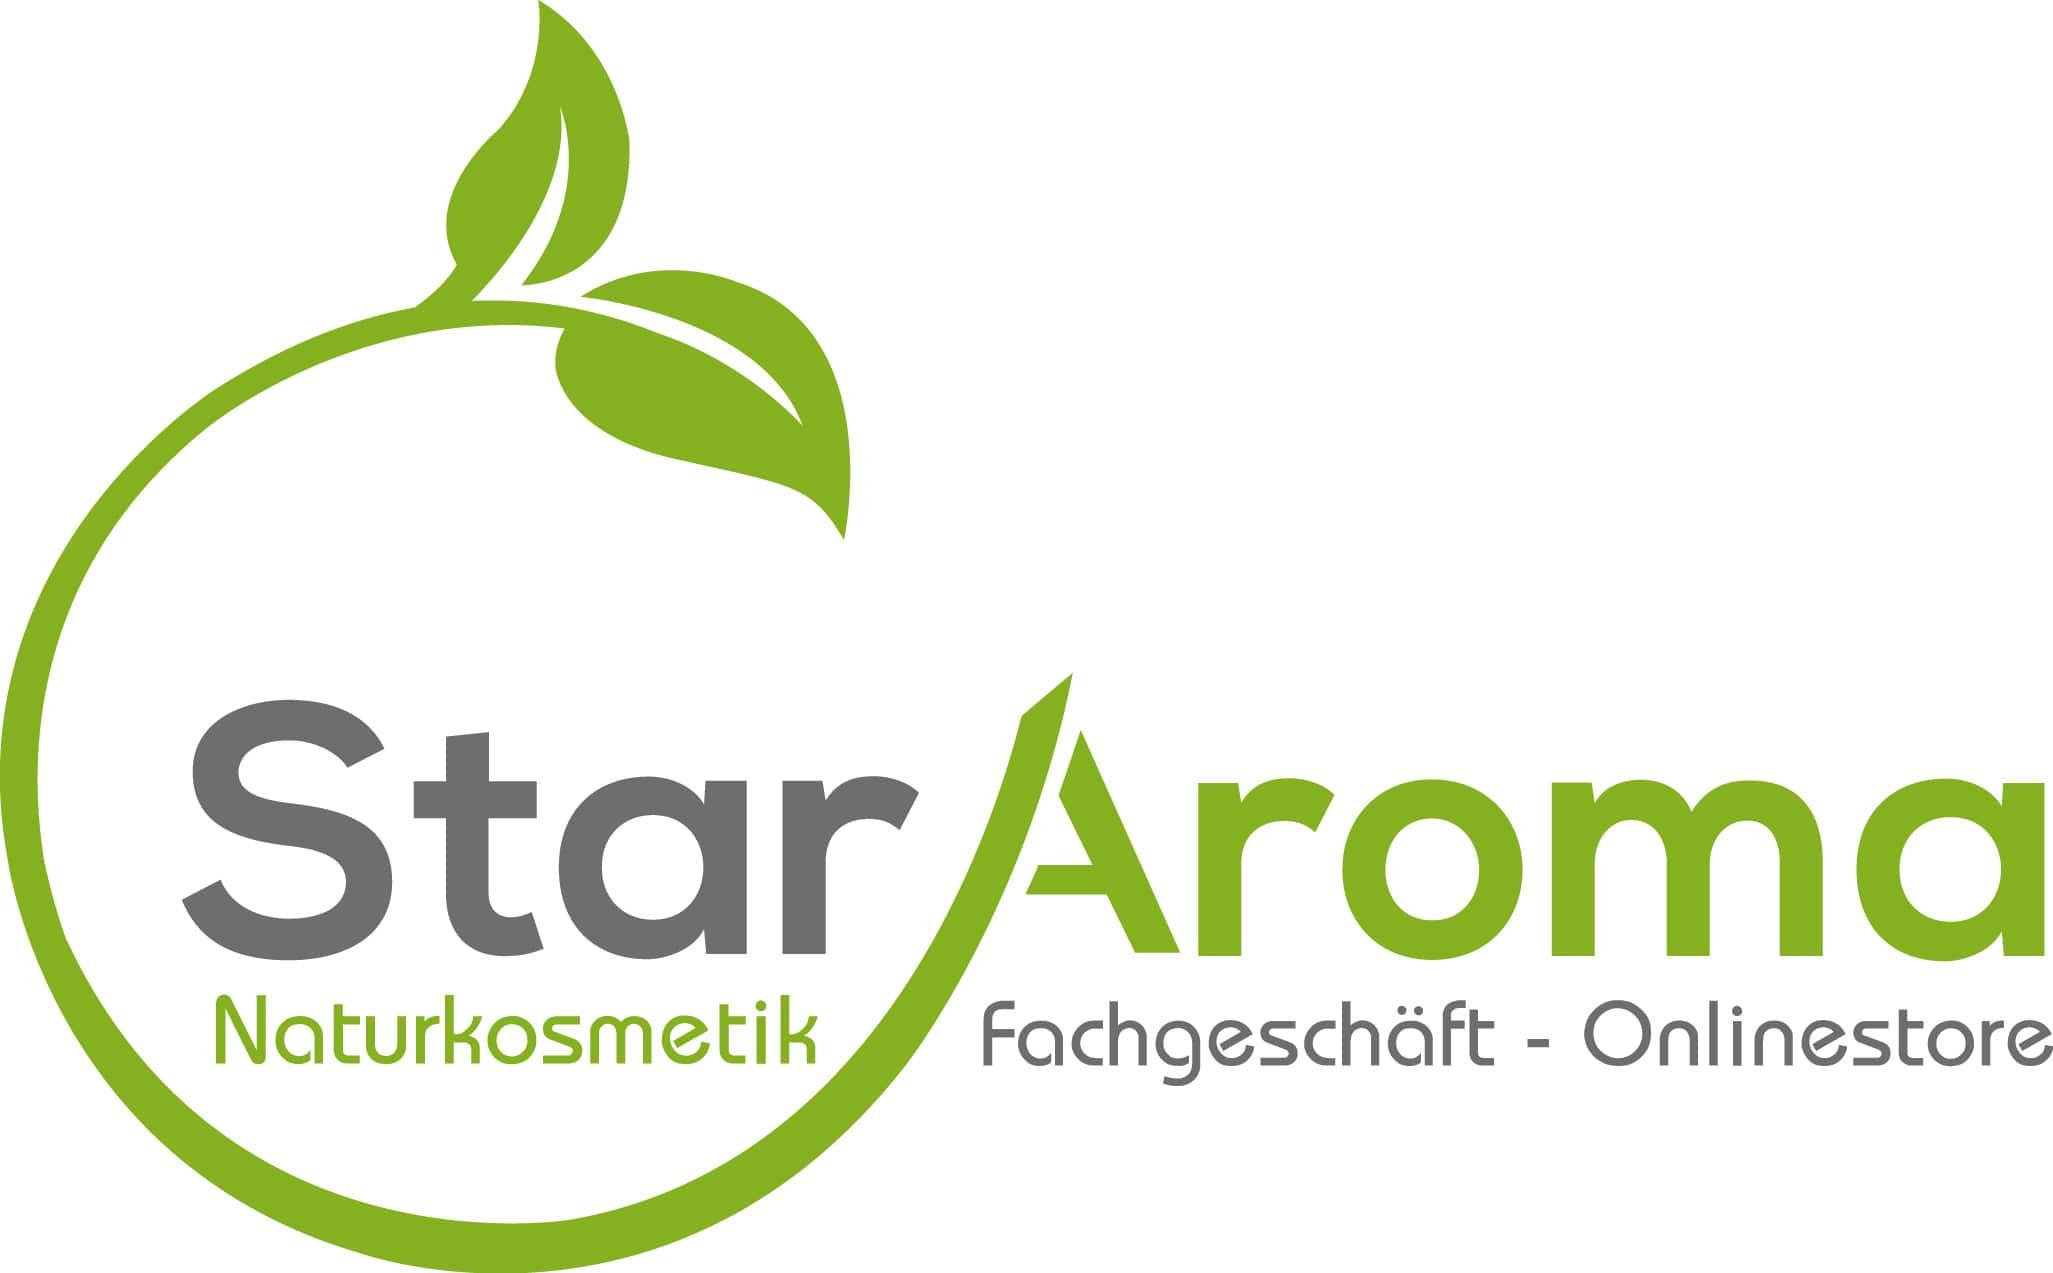 stararoma-munster-logo.jpg